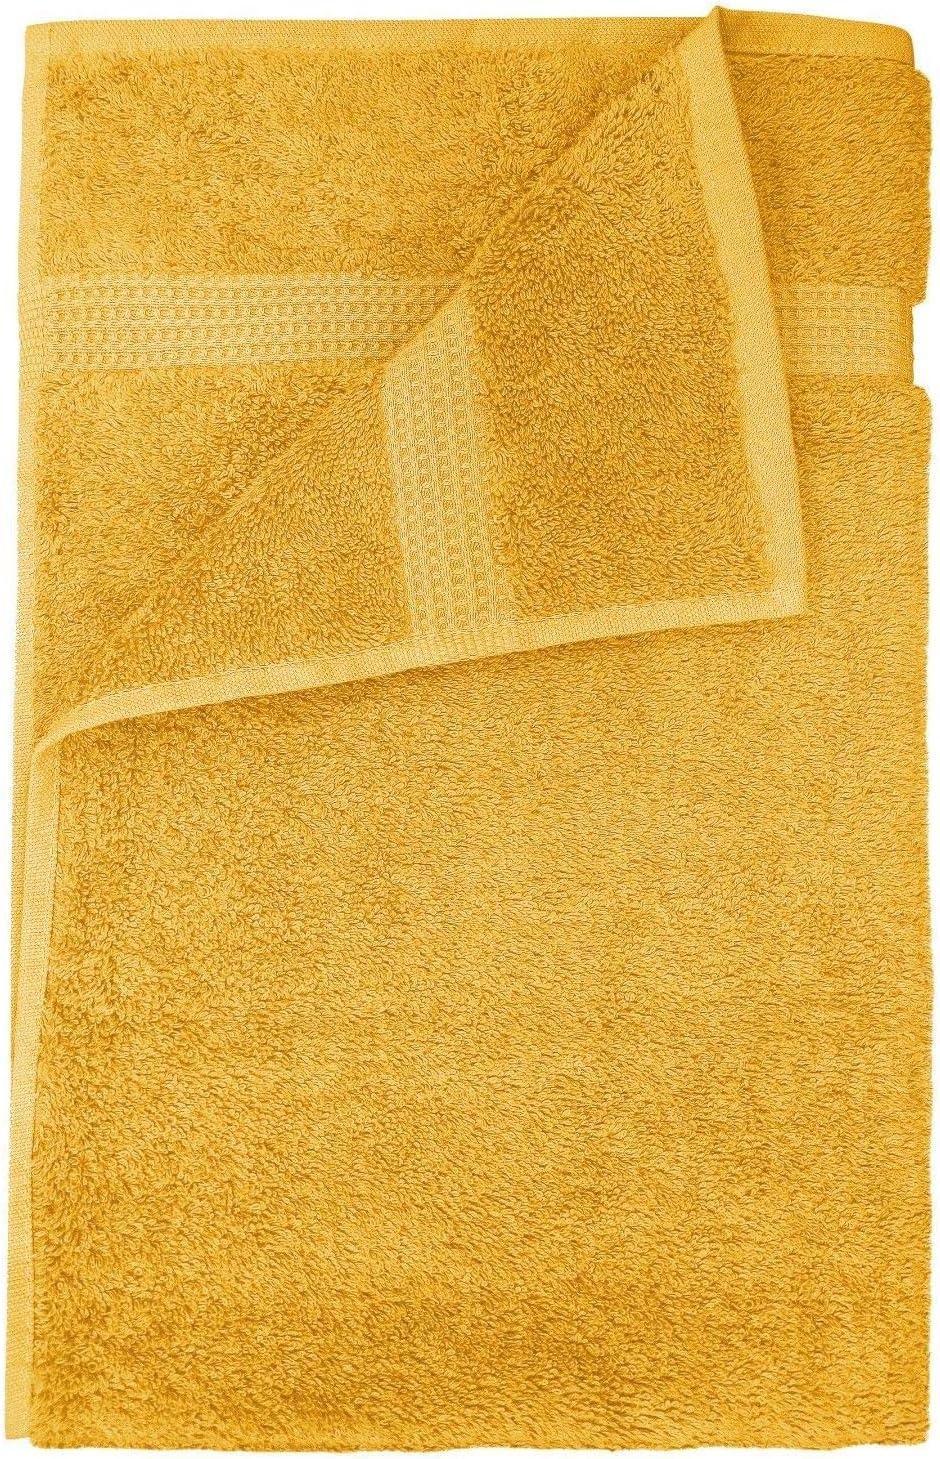 600 g//m/² 70x125cm algod/ón IHIDirect Toalla de algod/ón Egipcio Supersuave Color Mostaza Bath Towel